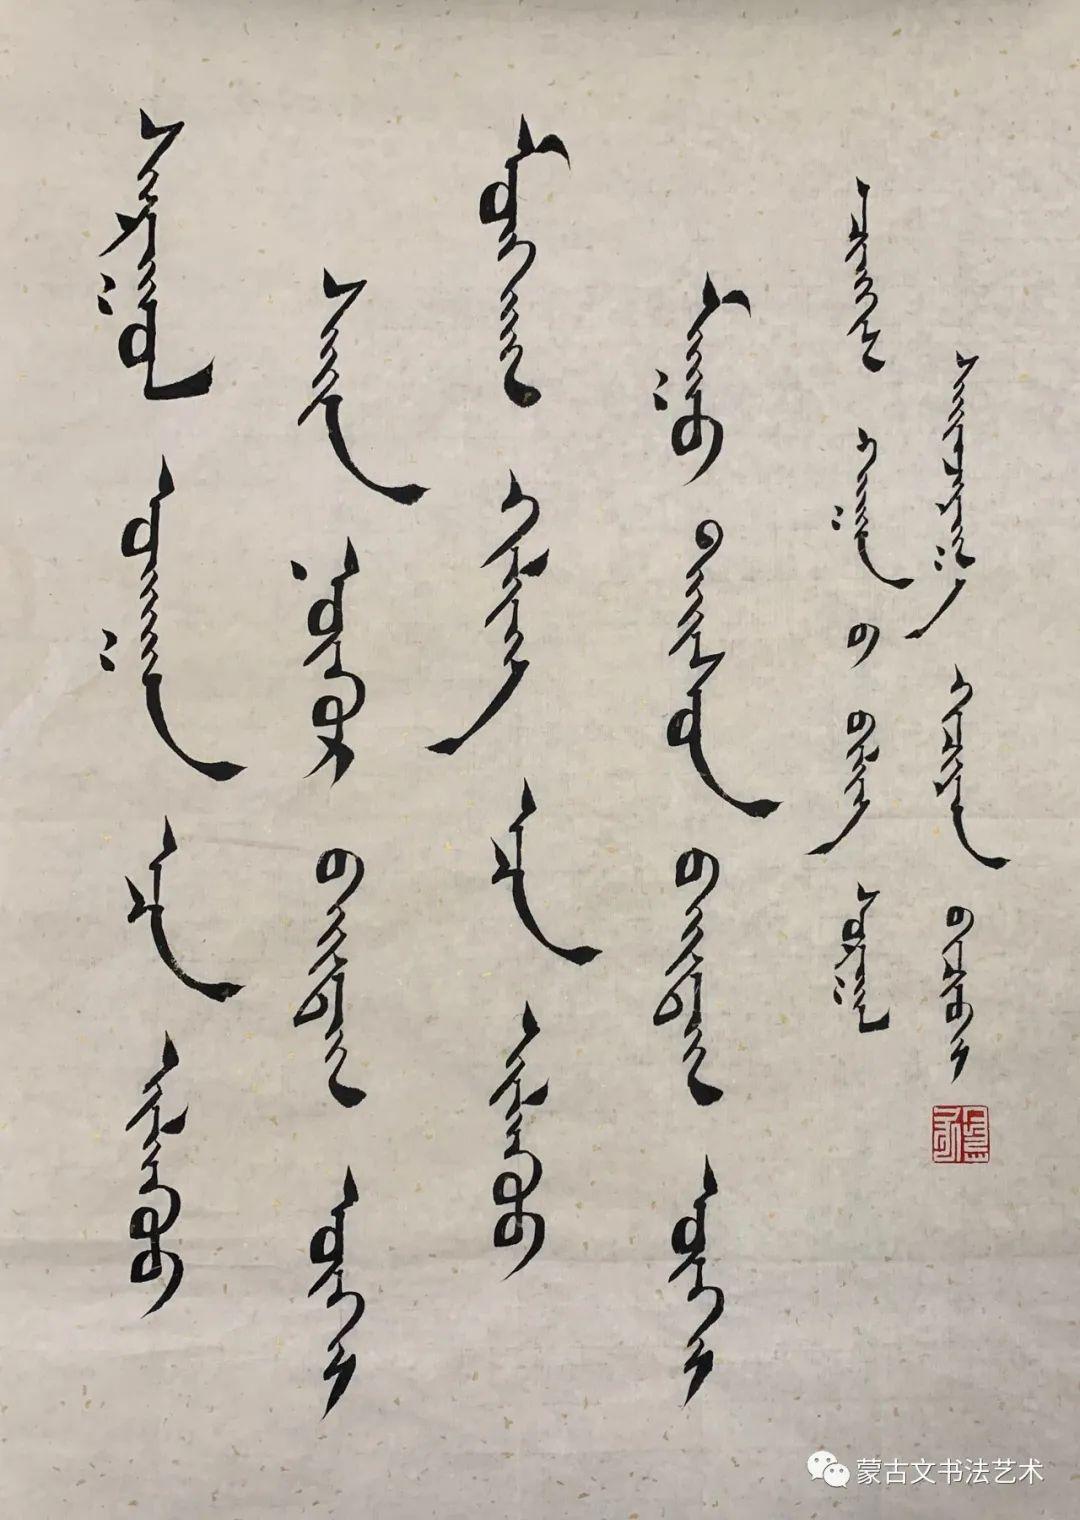 赛音吉雅楷书作品欣赏 第8张 赛音吉雅楷书作品欣赏 蒙古书法